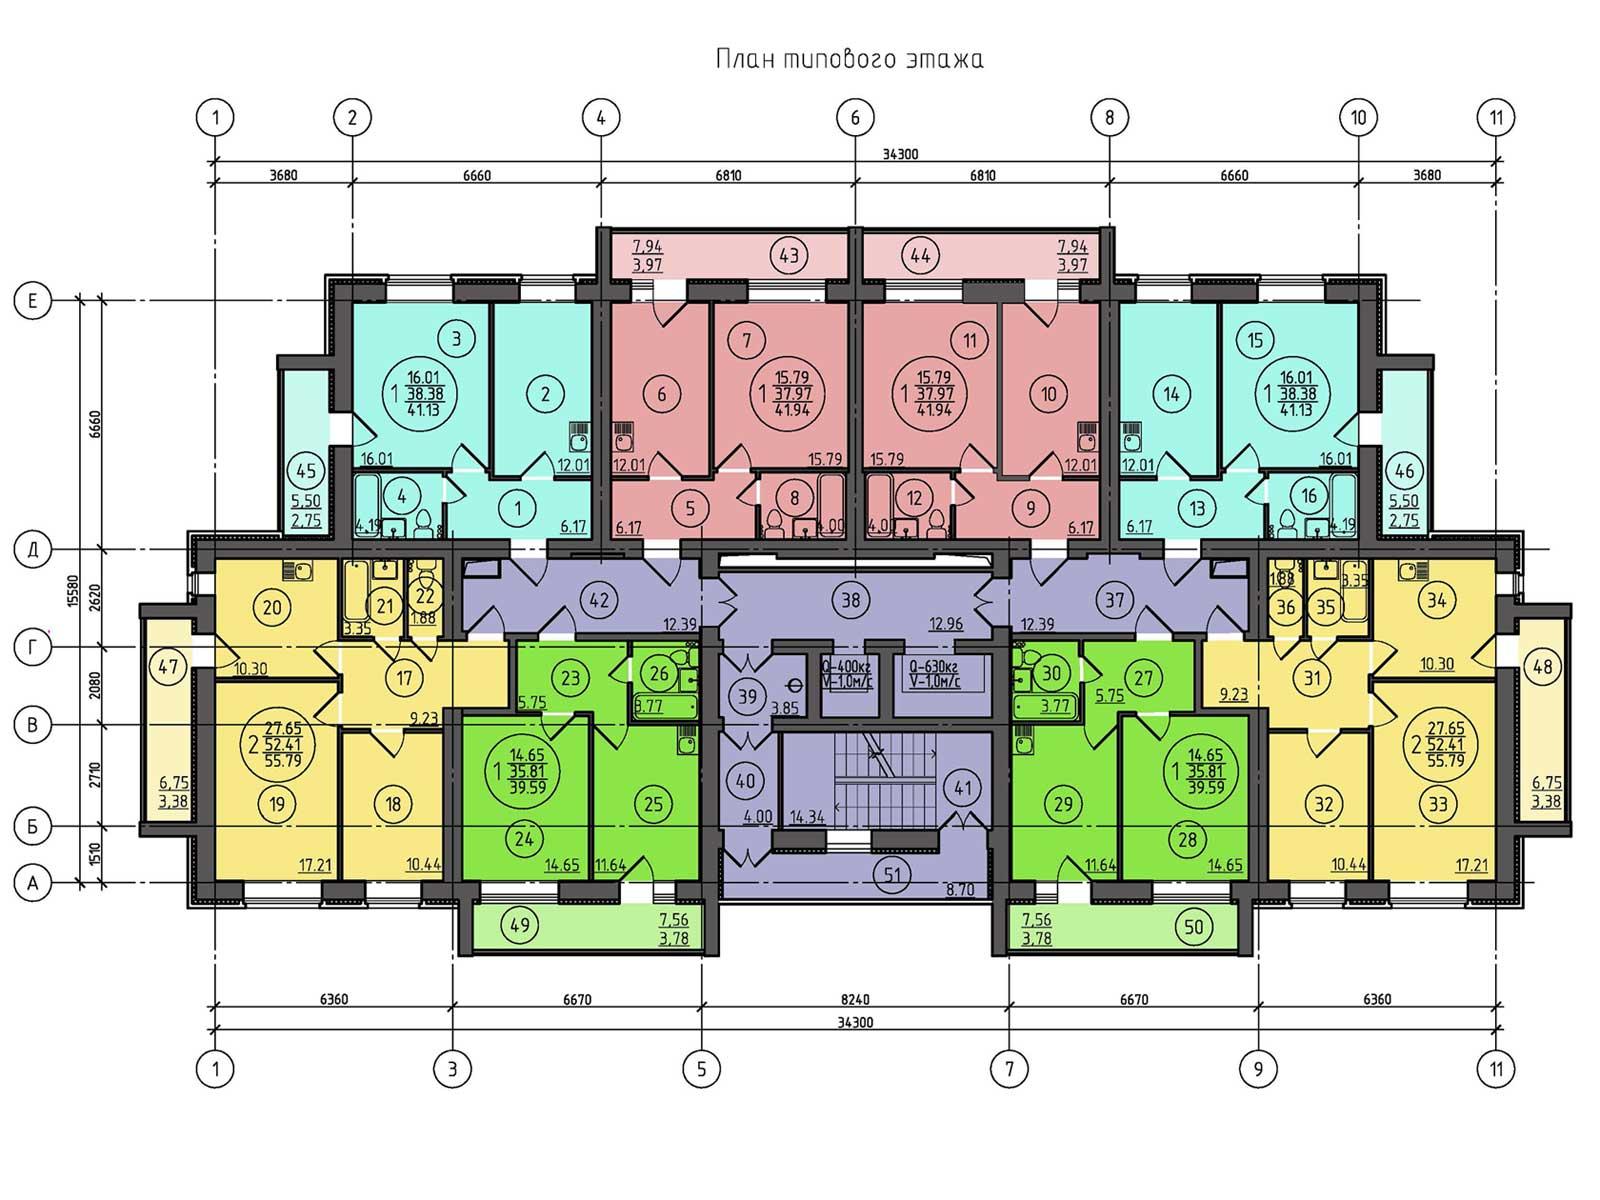 Реконструкция гостиницы с ФОК под многоэтажный жилой дом с ...